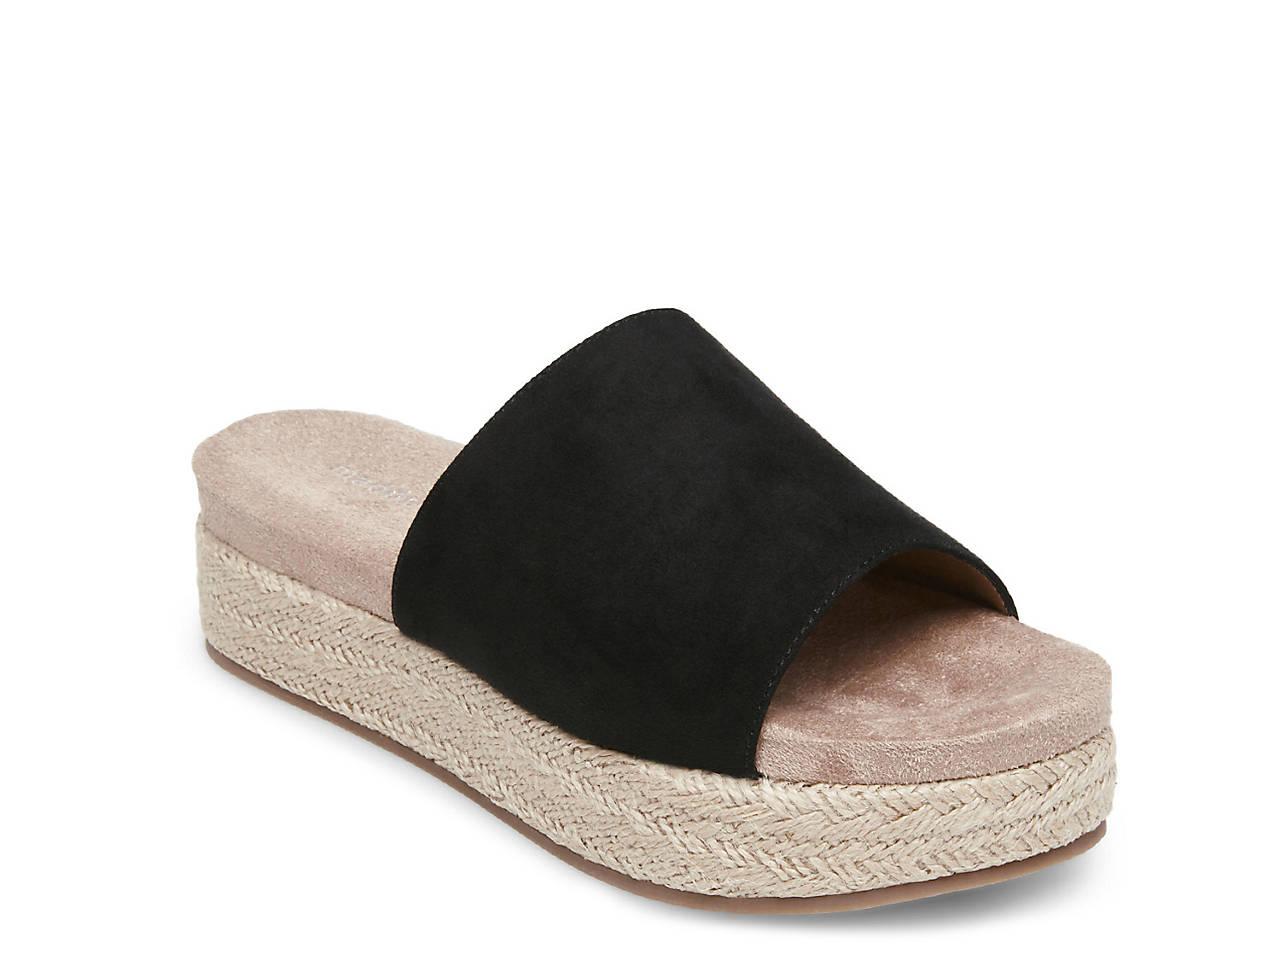 Elite Espadrille Platform Sandal by Madden Girl